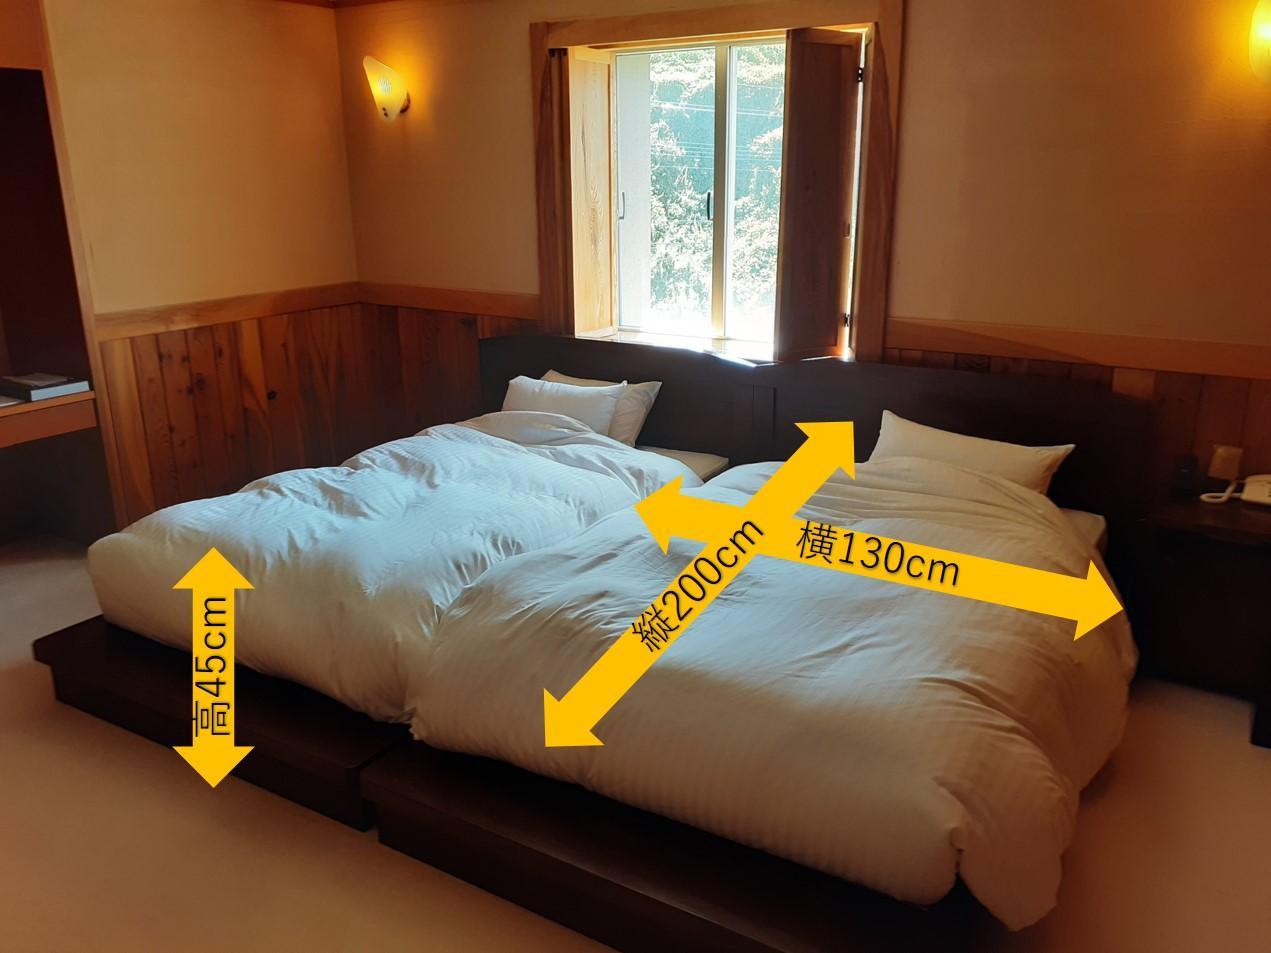 ツインベッド客室-3